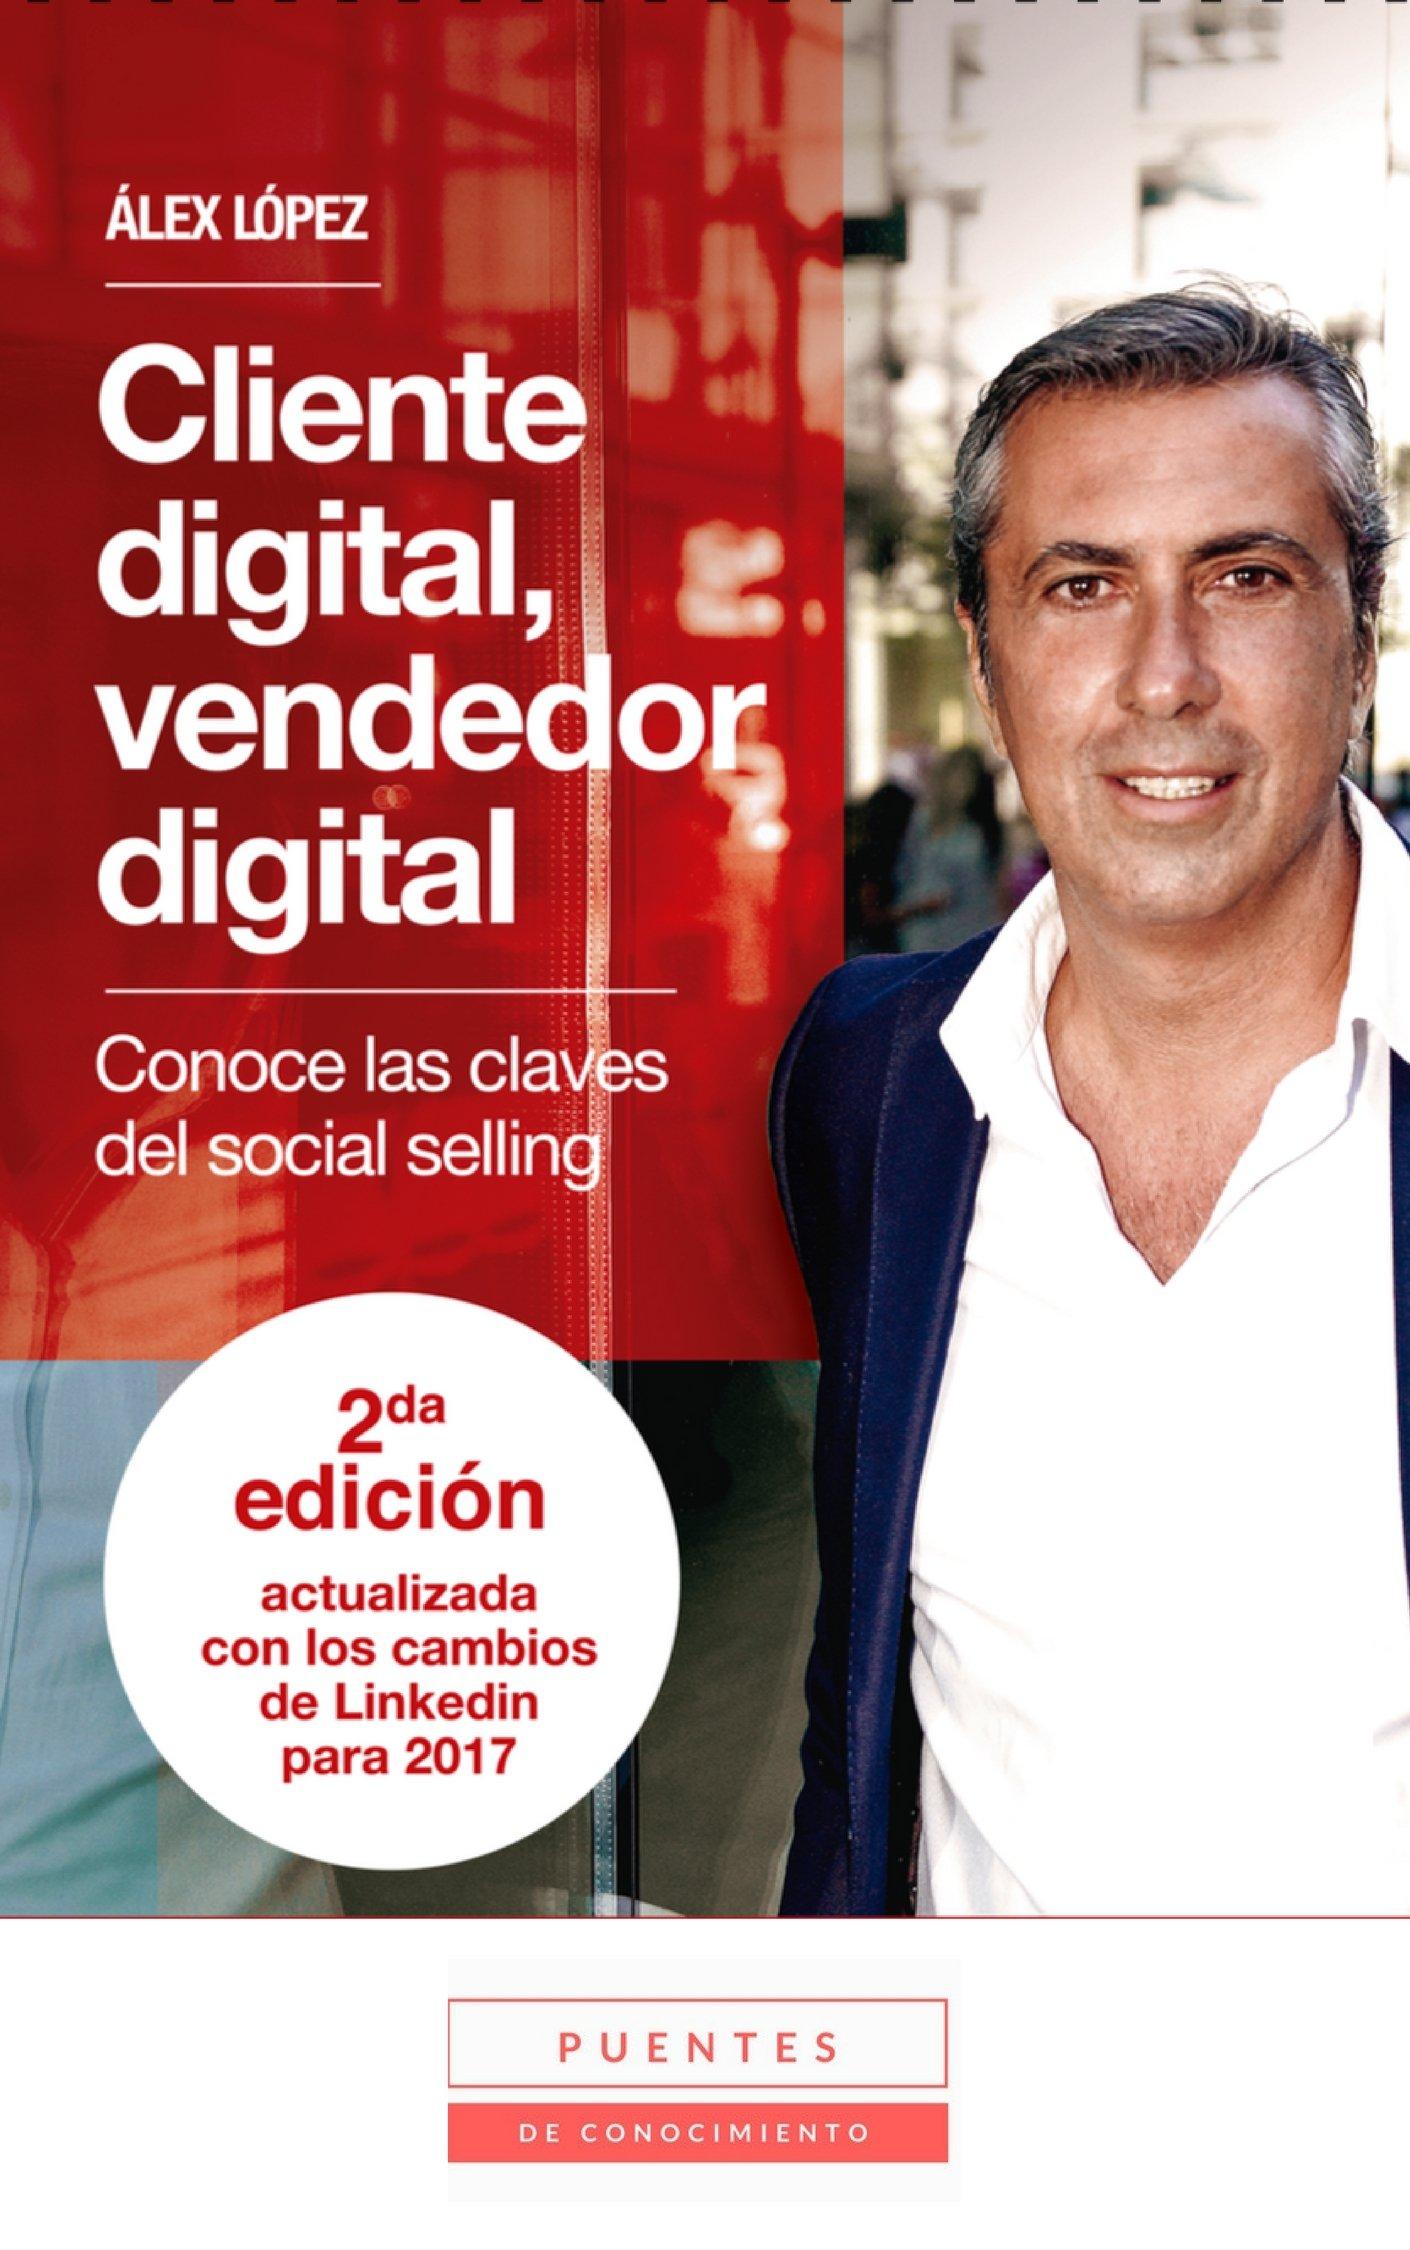 Cliente digital, vendedor digital: Conoce las claves del social selling - 2ª edición actualizada con los cambios de LinkedIn para 2017 (Spanish Edition)